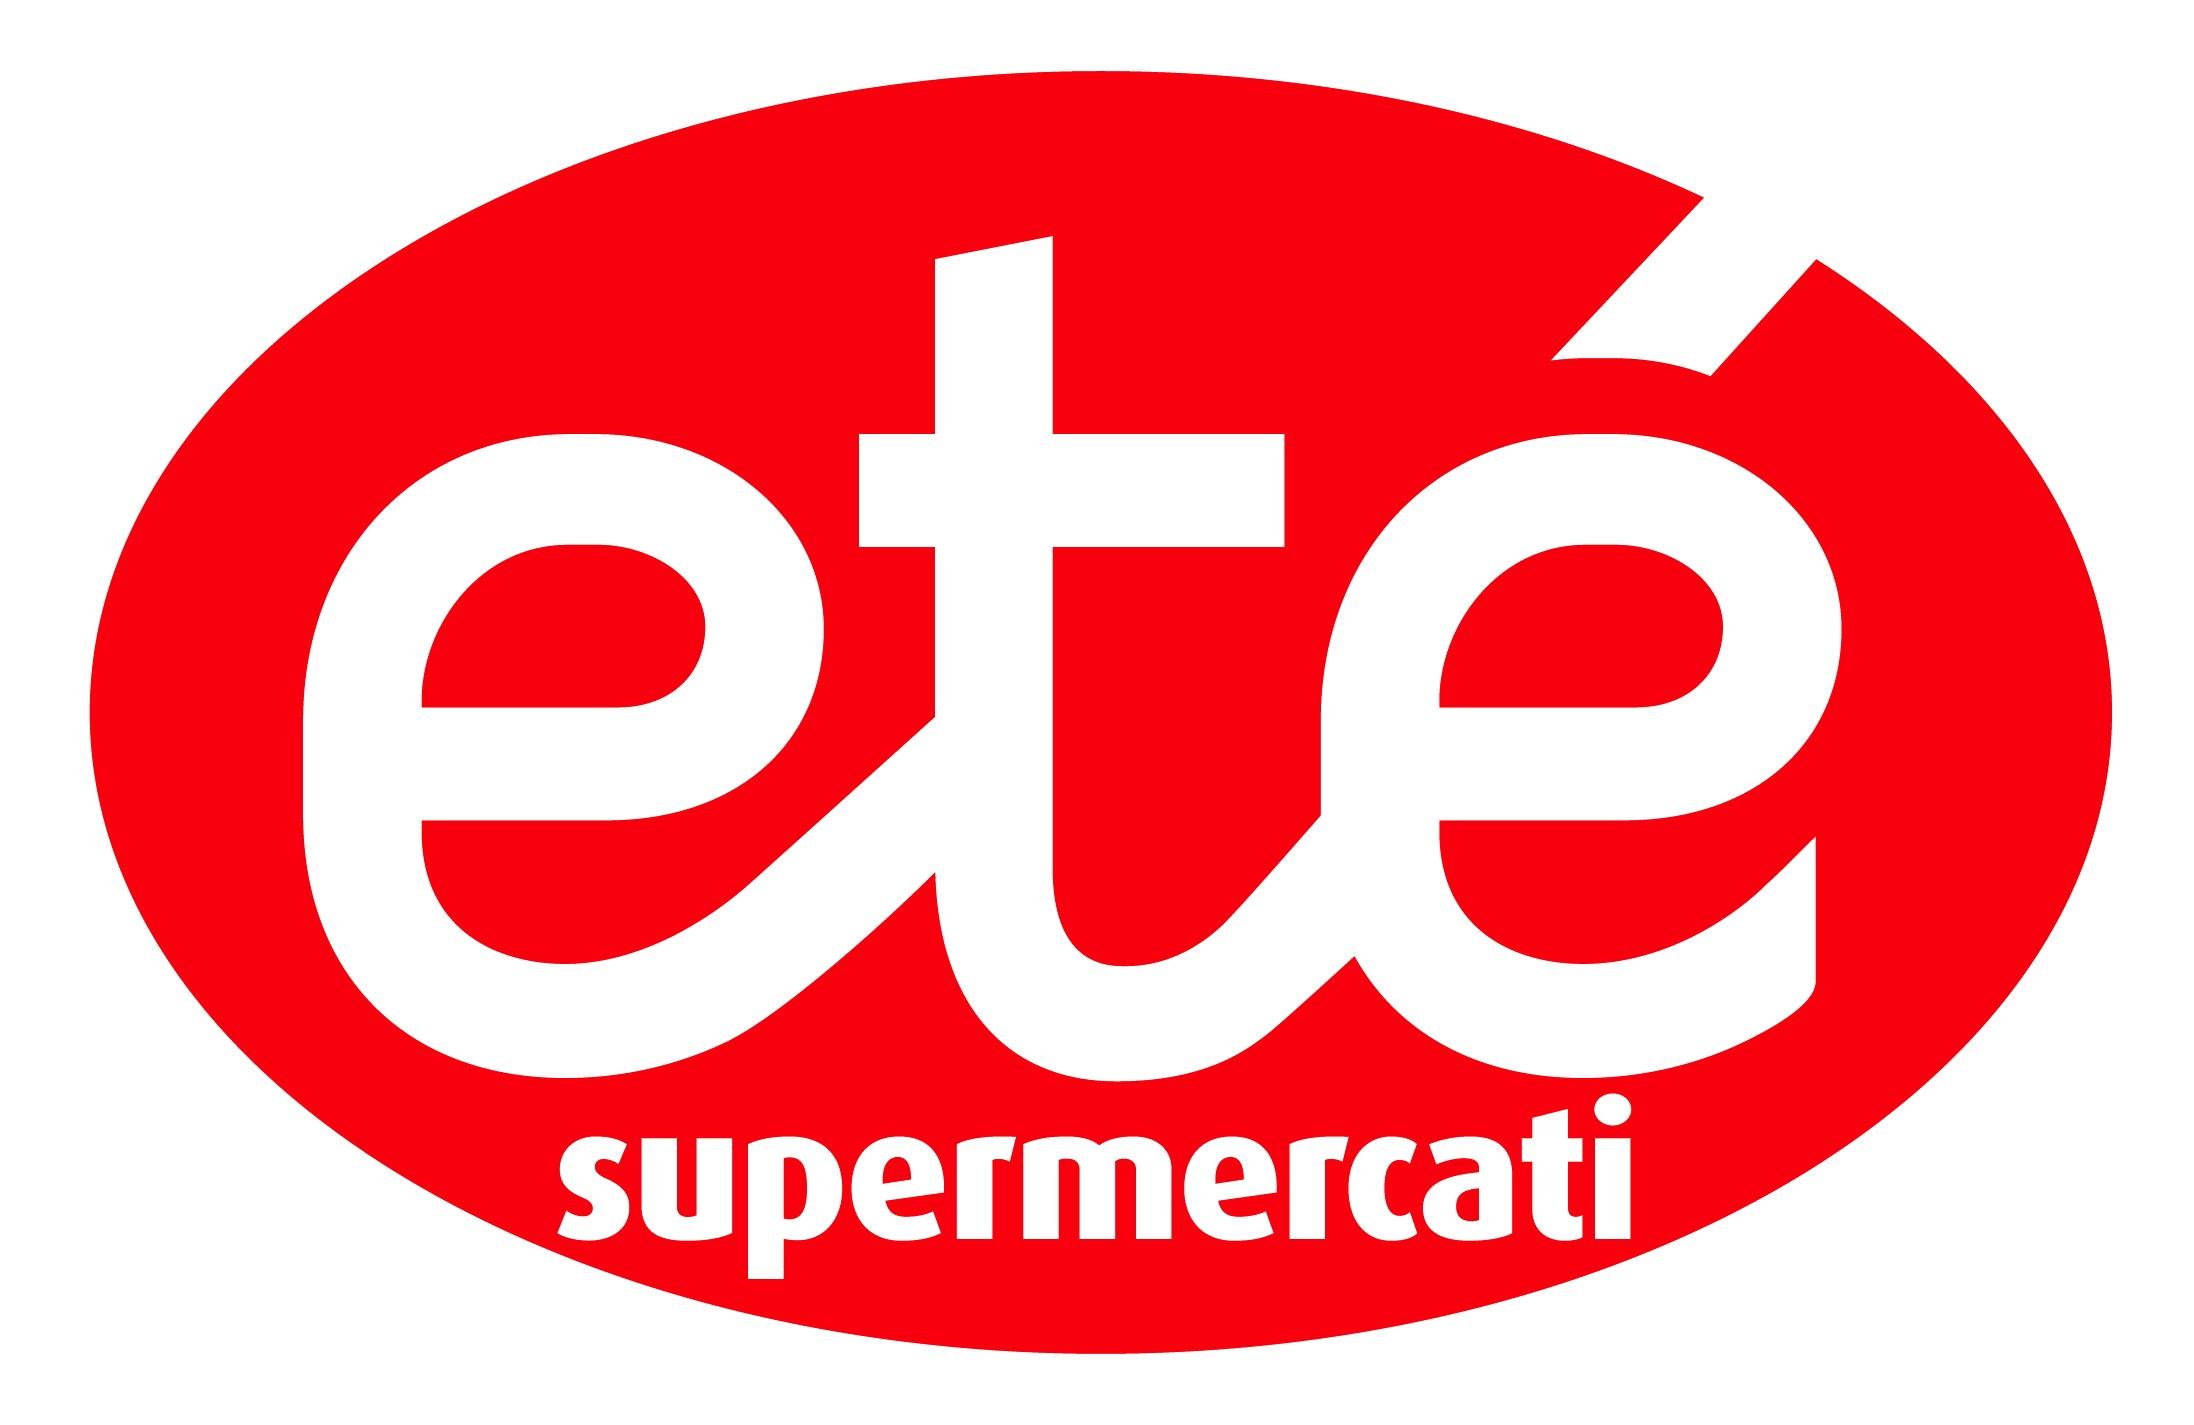 Logo eté supermercati GDO (Grande Distribuzione Organizzata)